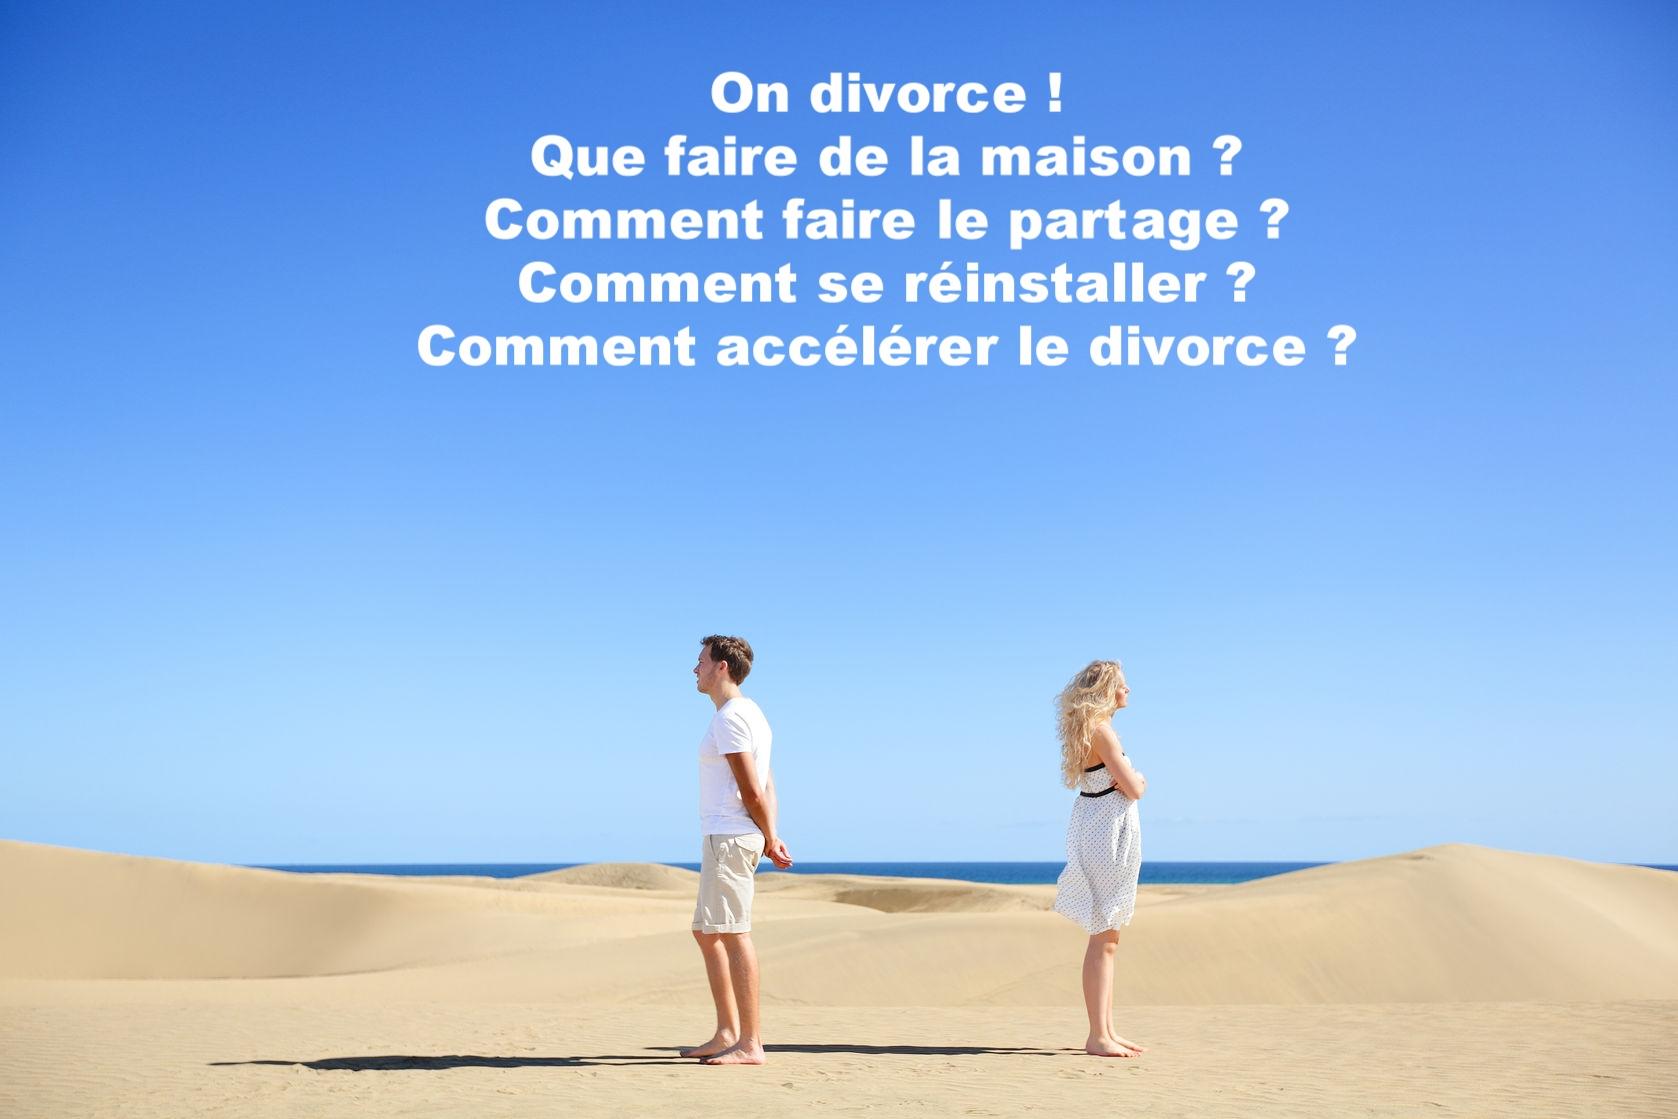 Vous divorcez, comment faire le partage ?